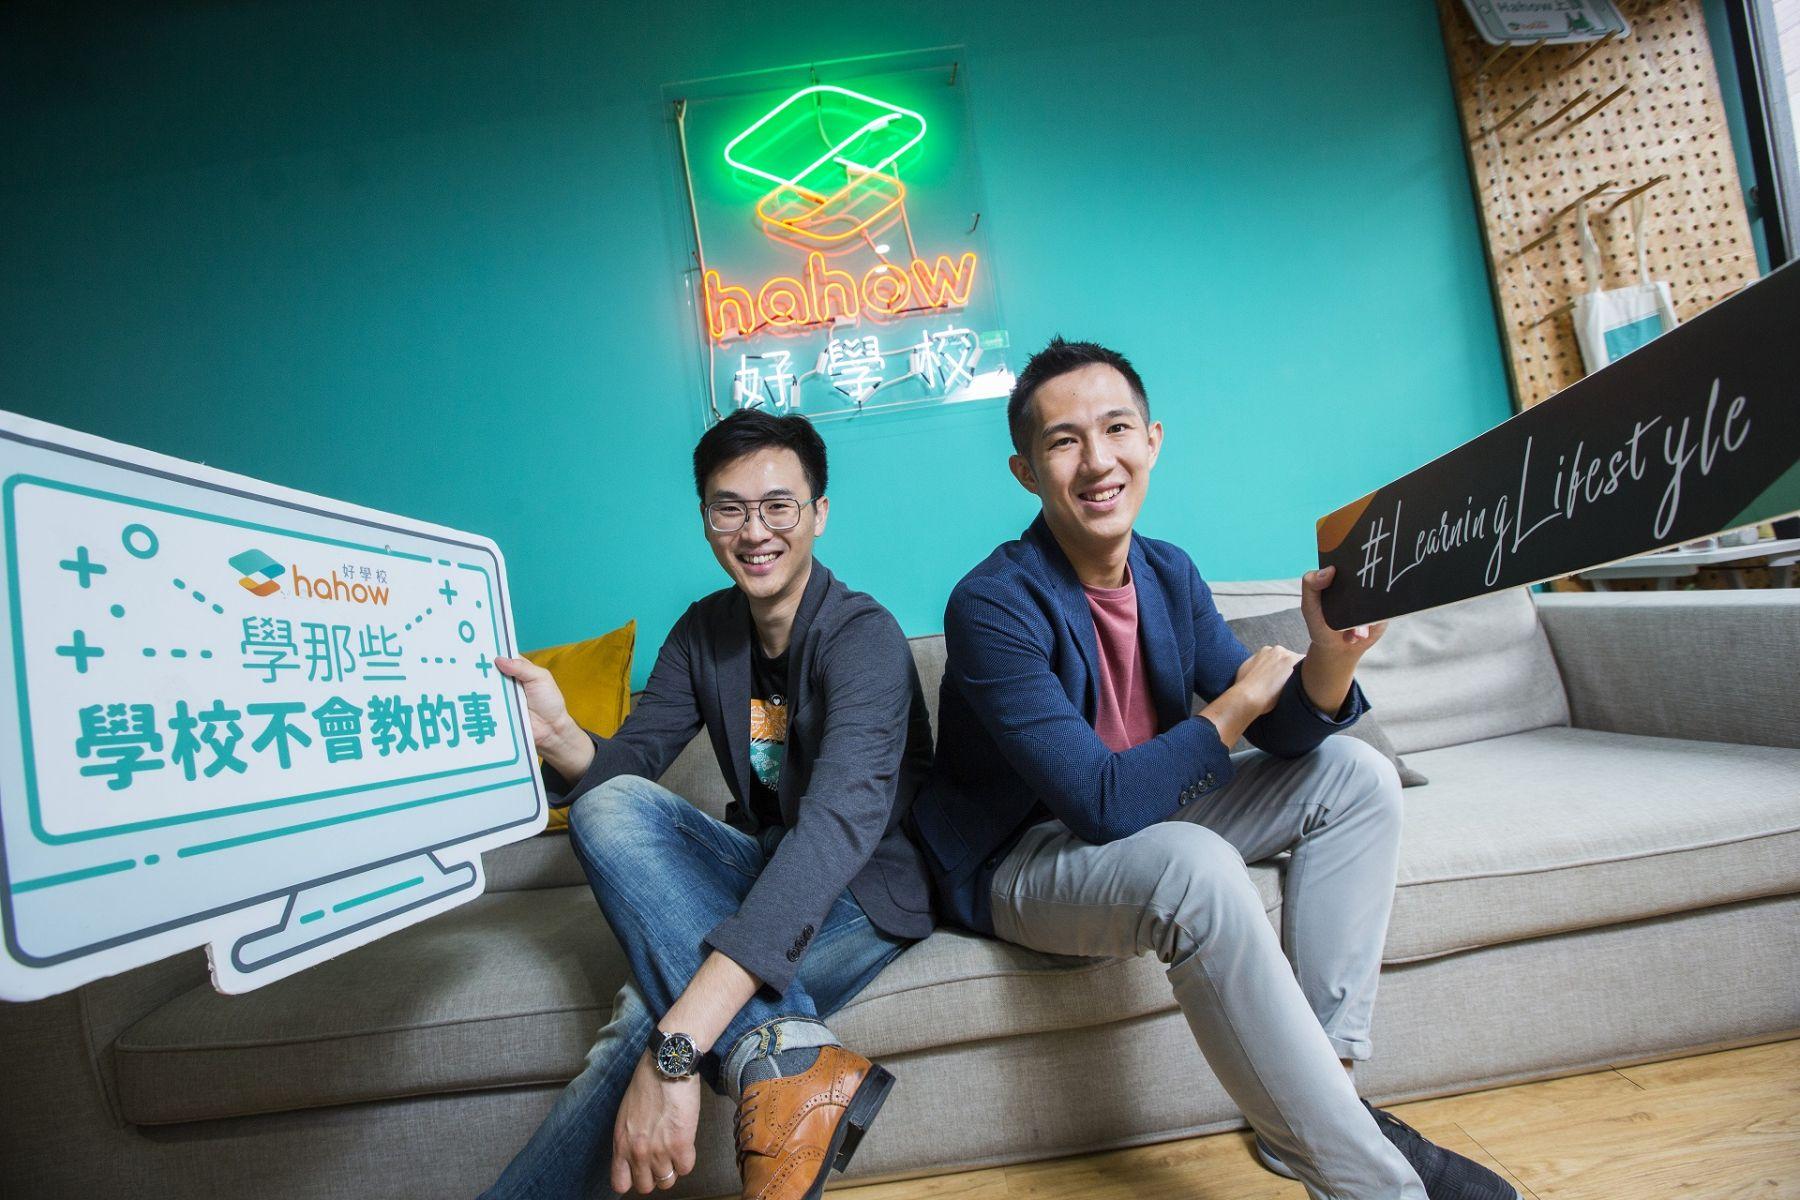 連玉山銀行、中國人壽都登門合作!本土最大的自學平台怎麼衝出破億營收?